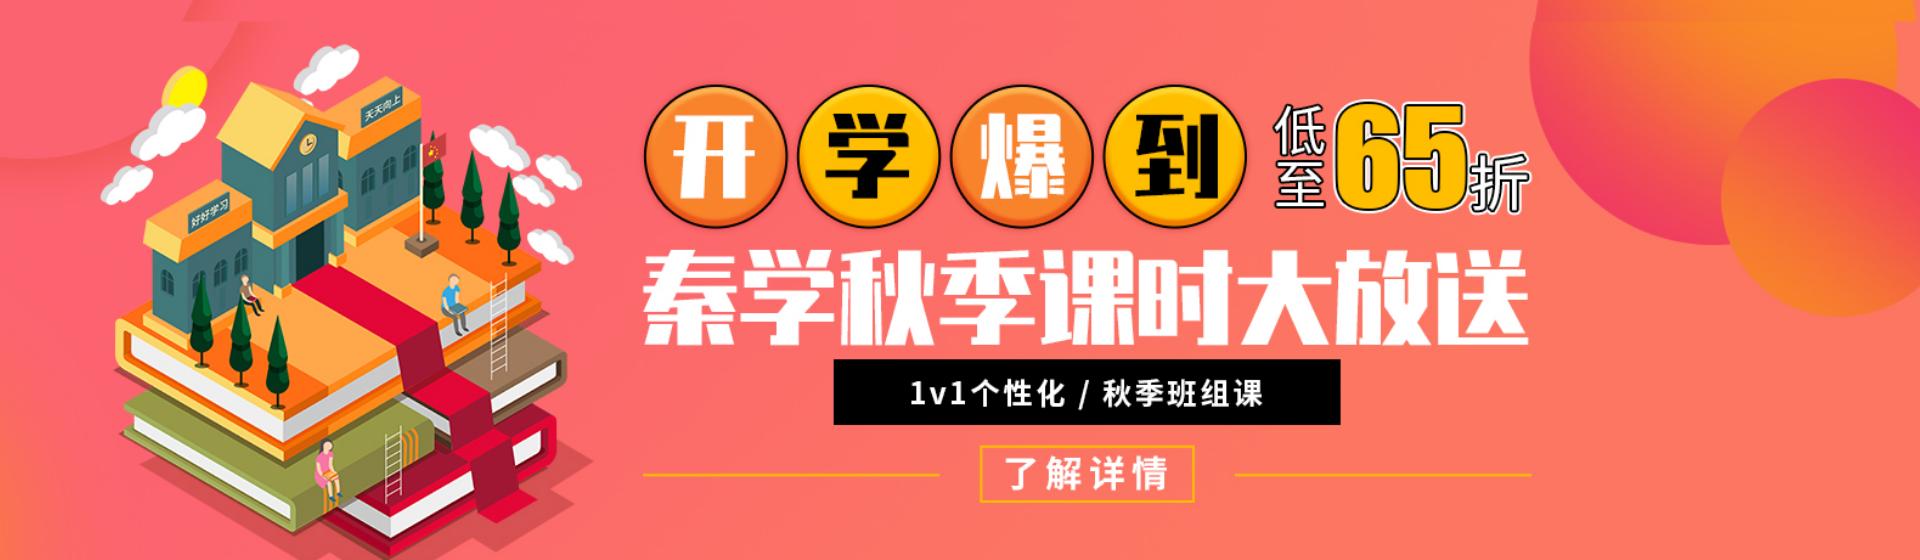 秦學秋季班課時大放送